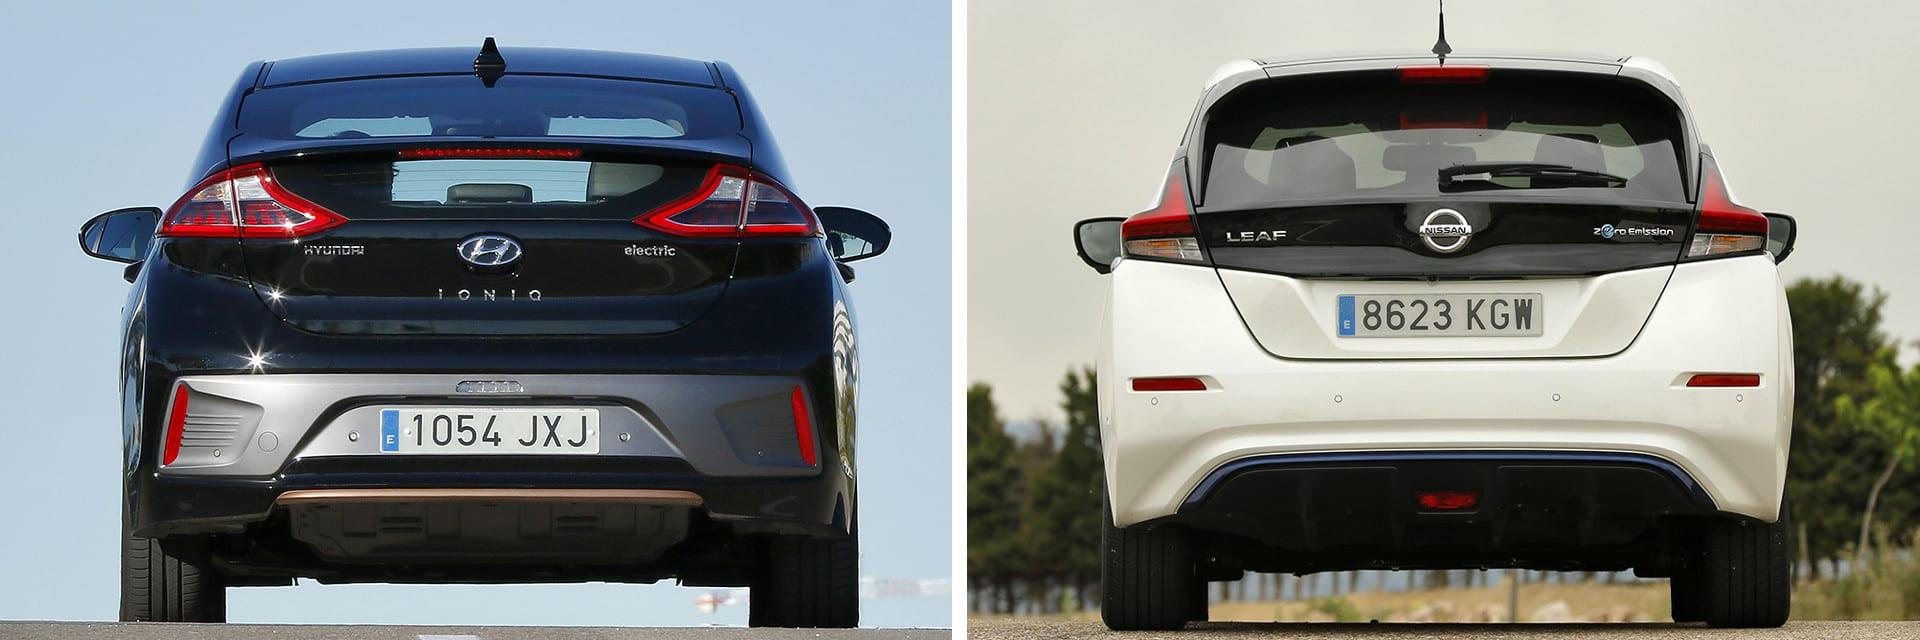 Según nuestras mediciones, en ciudad el Hyundai (izq.) tiene una autonomía entre 150 y 200 km; la del Leaf (dcha.) está entre 170 y 210 km.